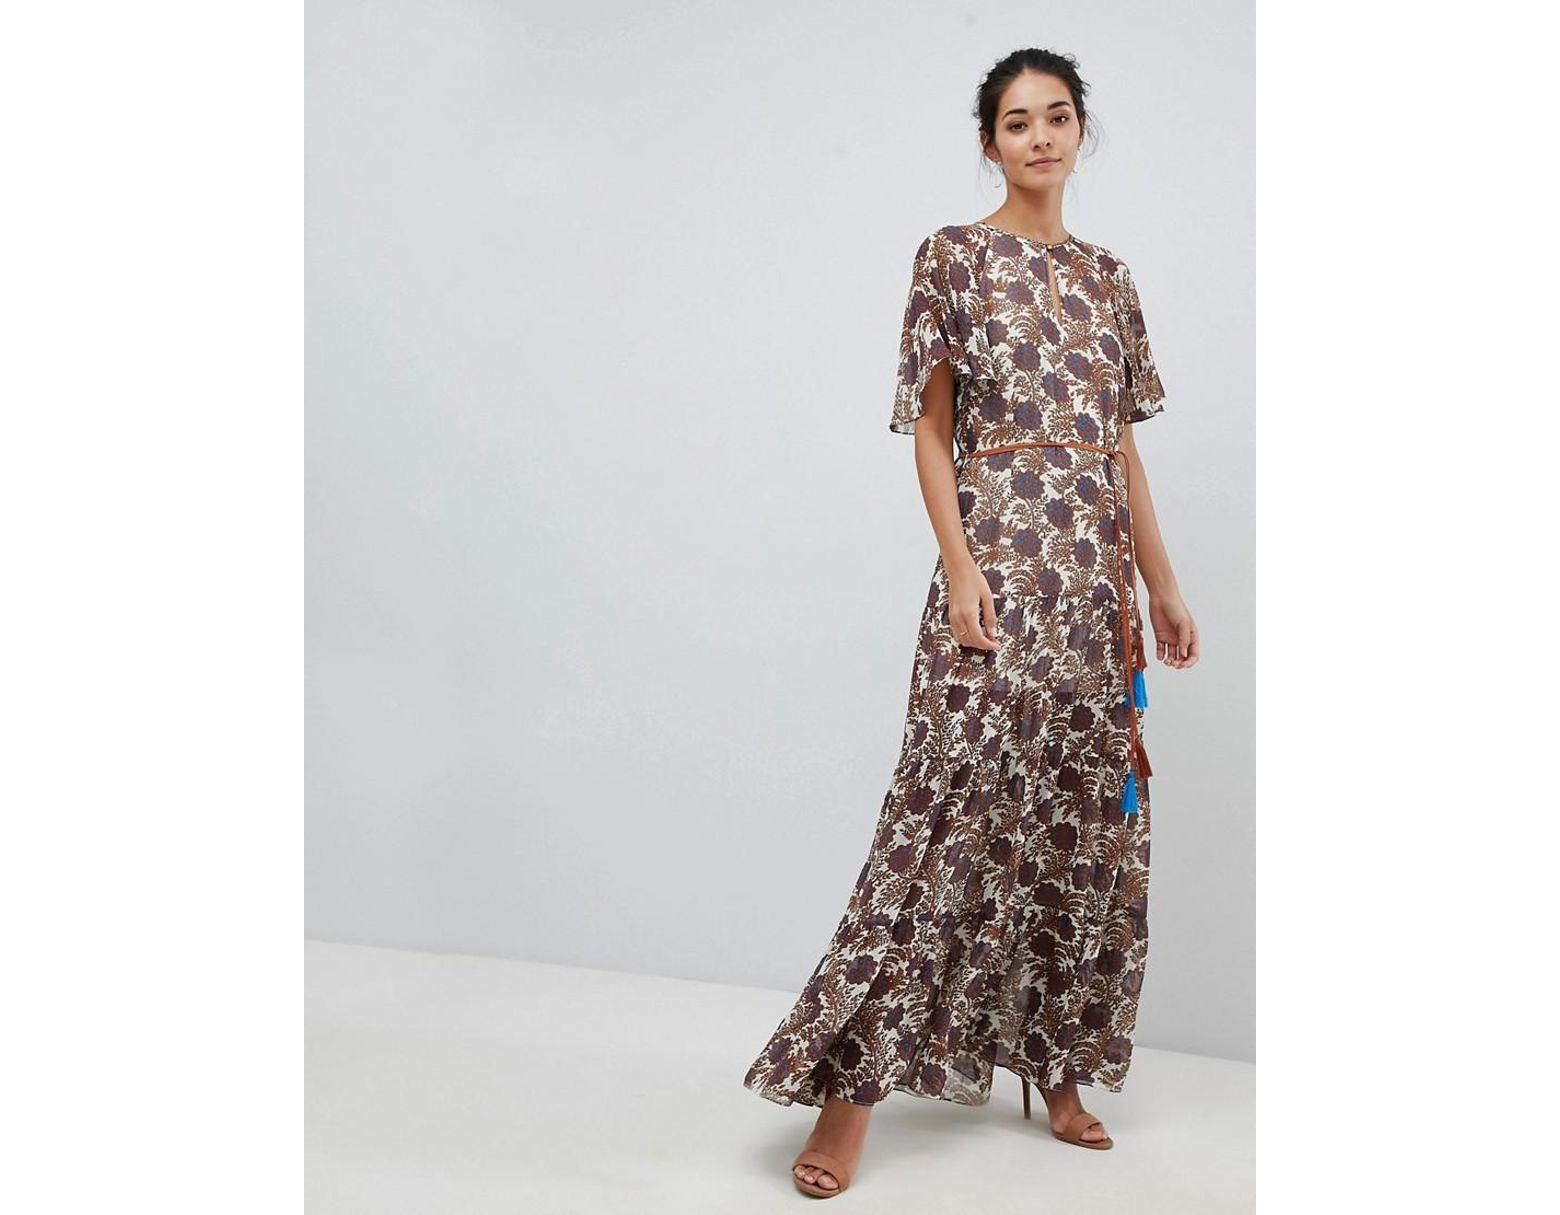 En Imprimée Ceinture Robe Femme Longue Avec Mousseline TcFKlJ1